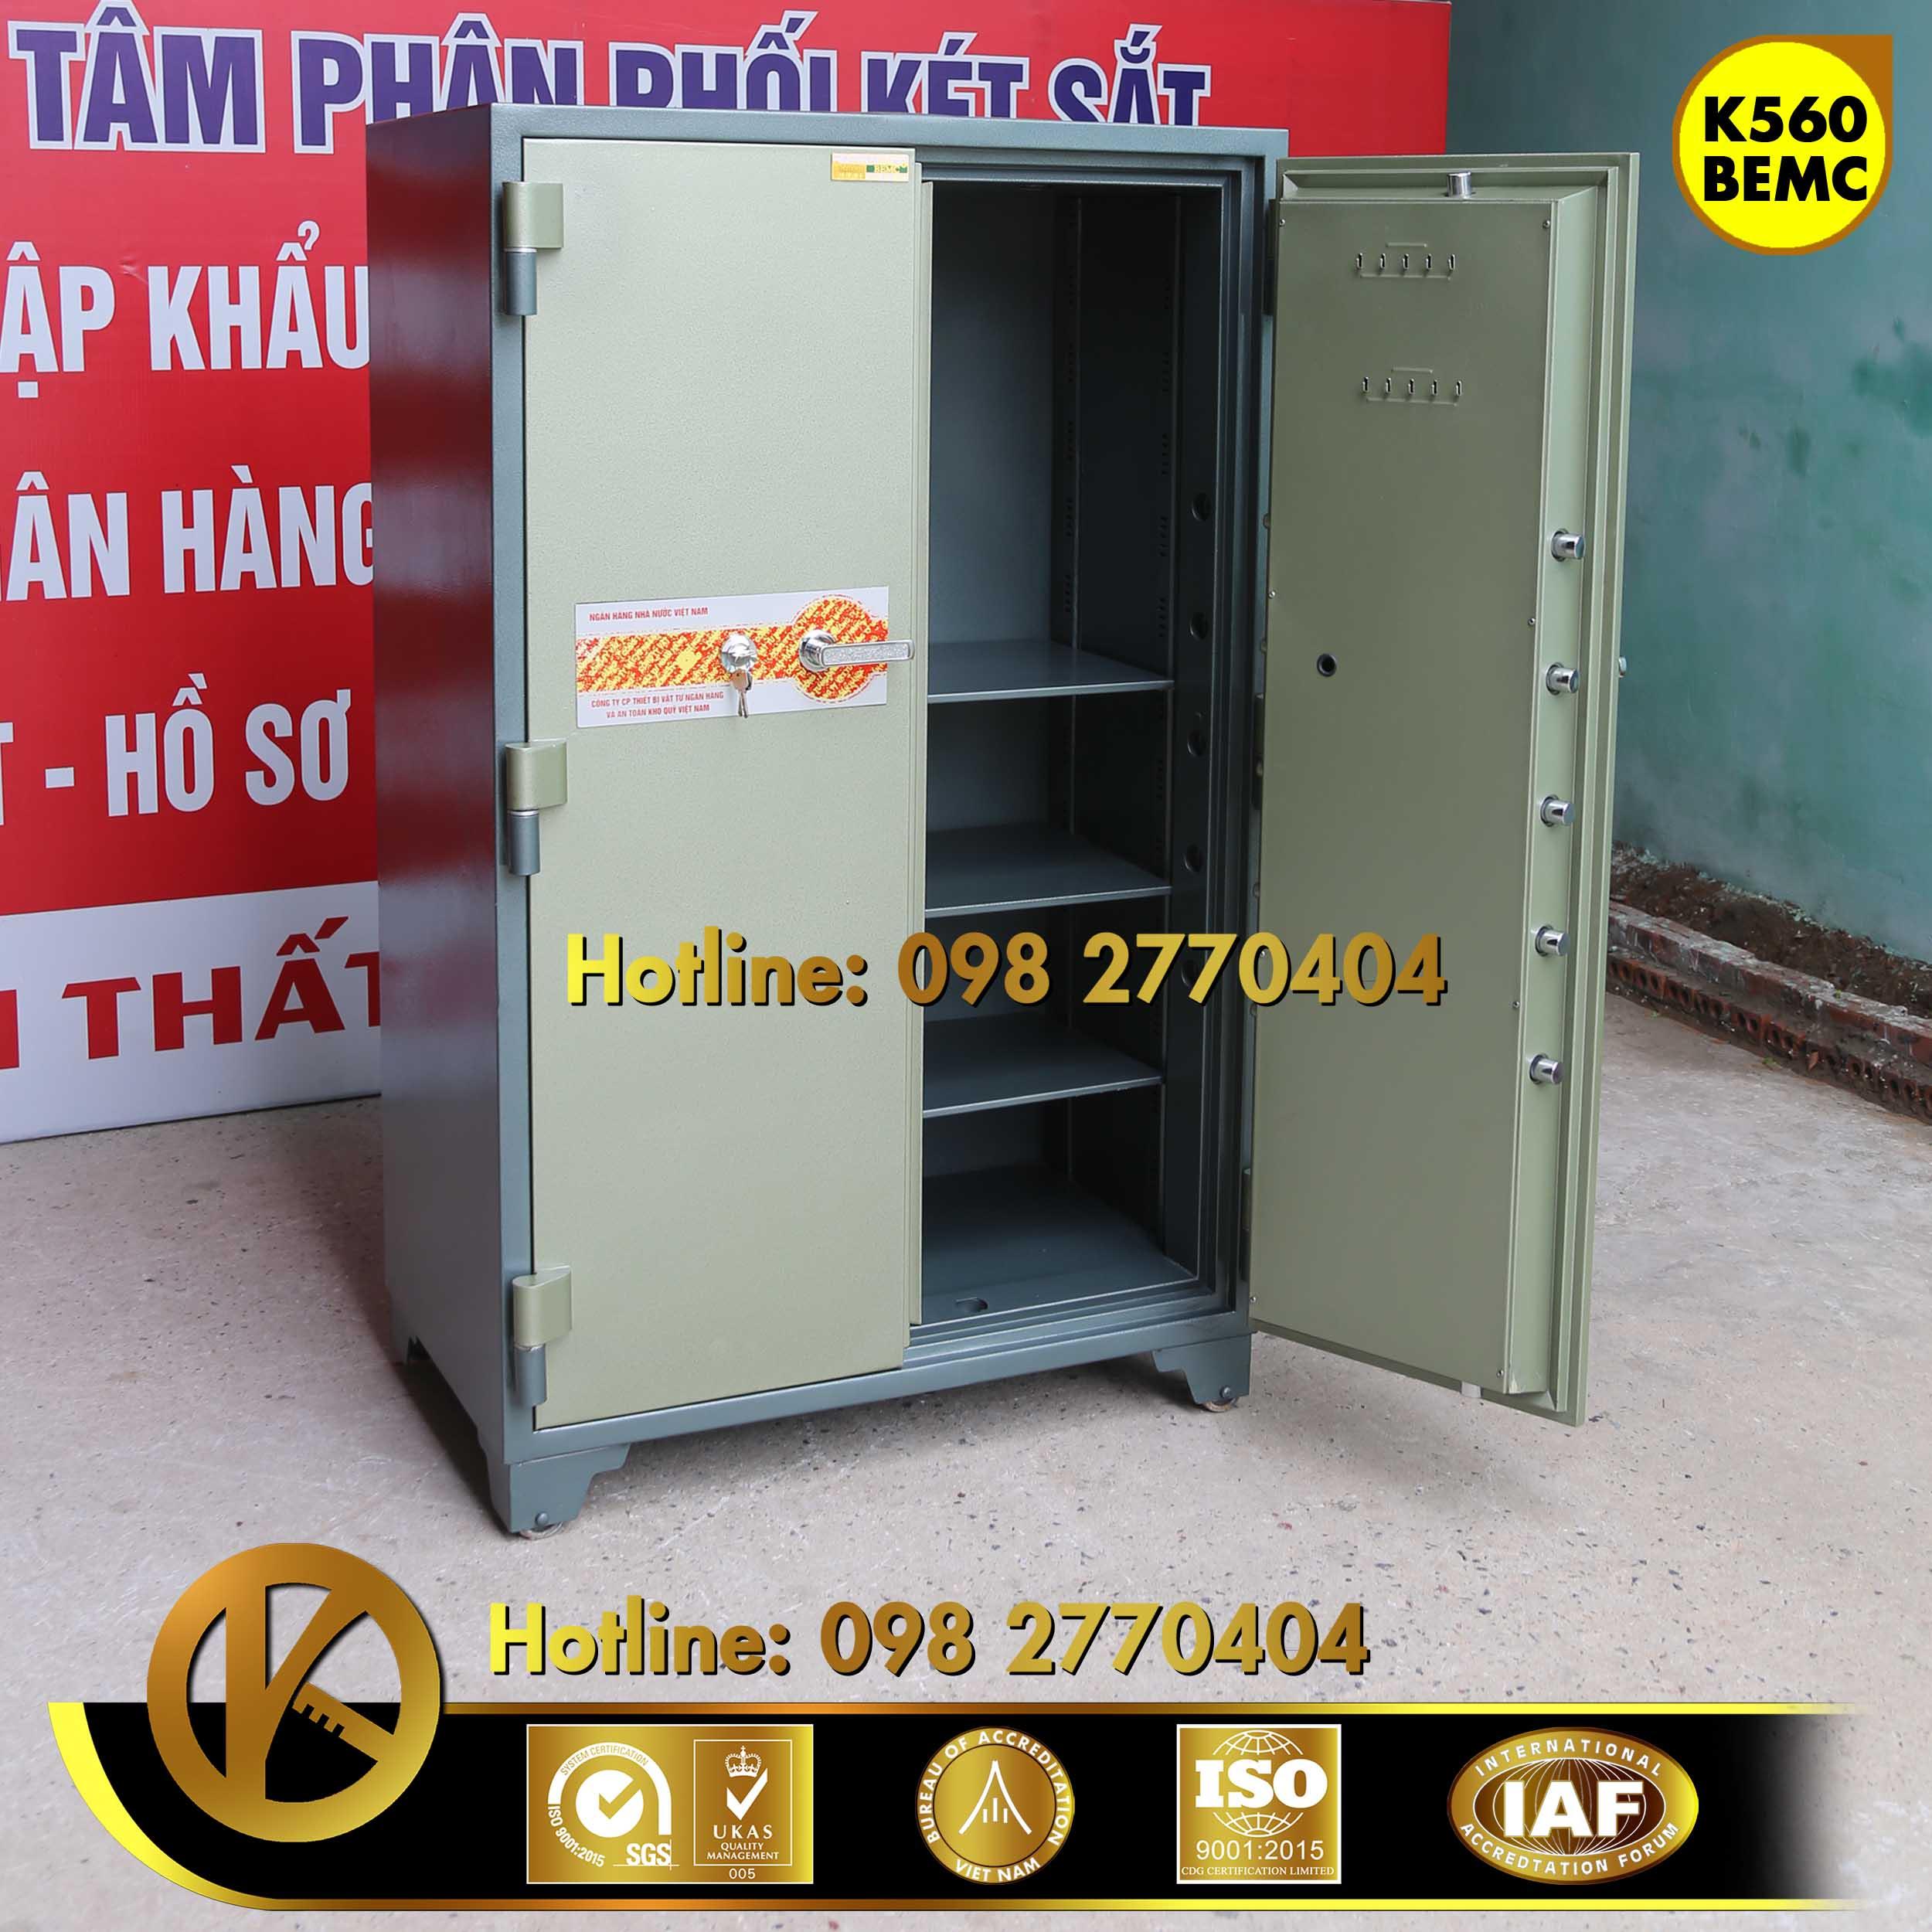 Két Sắt Ngân Hàng BEMC K560 Khoá Vân Tay